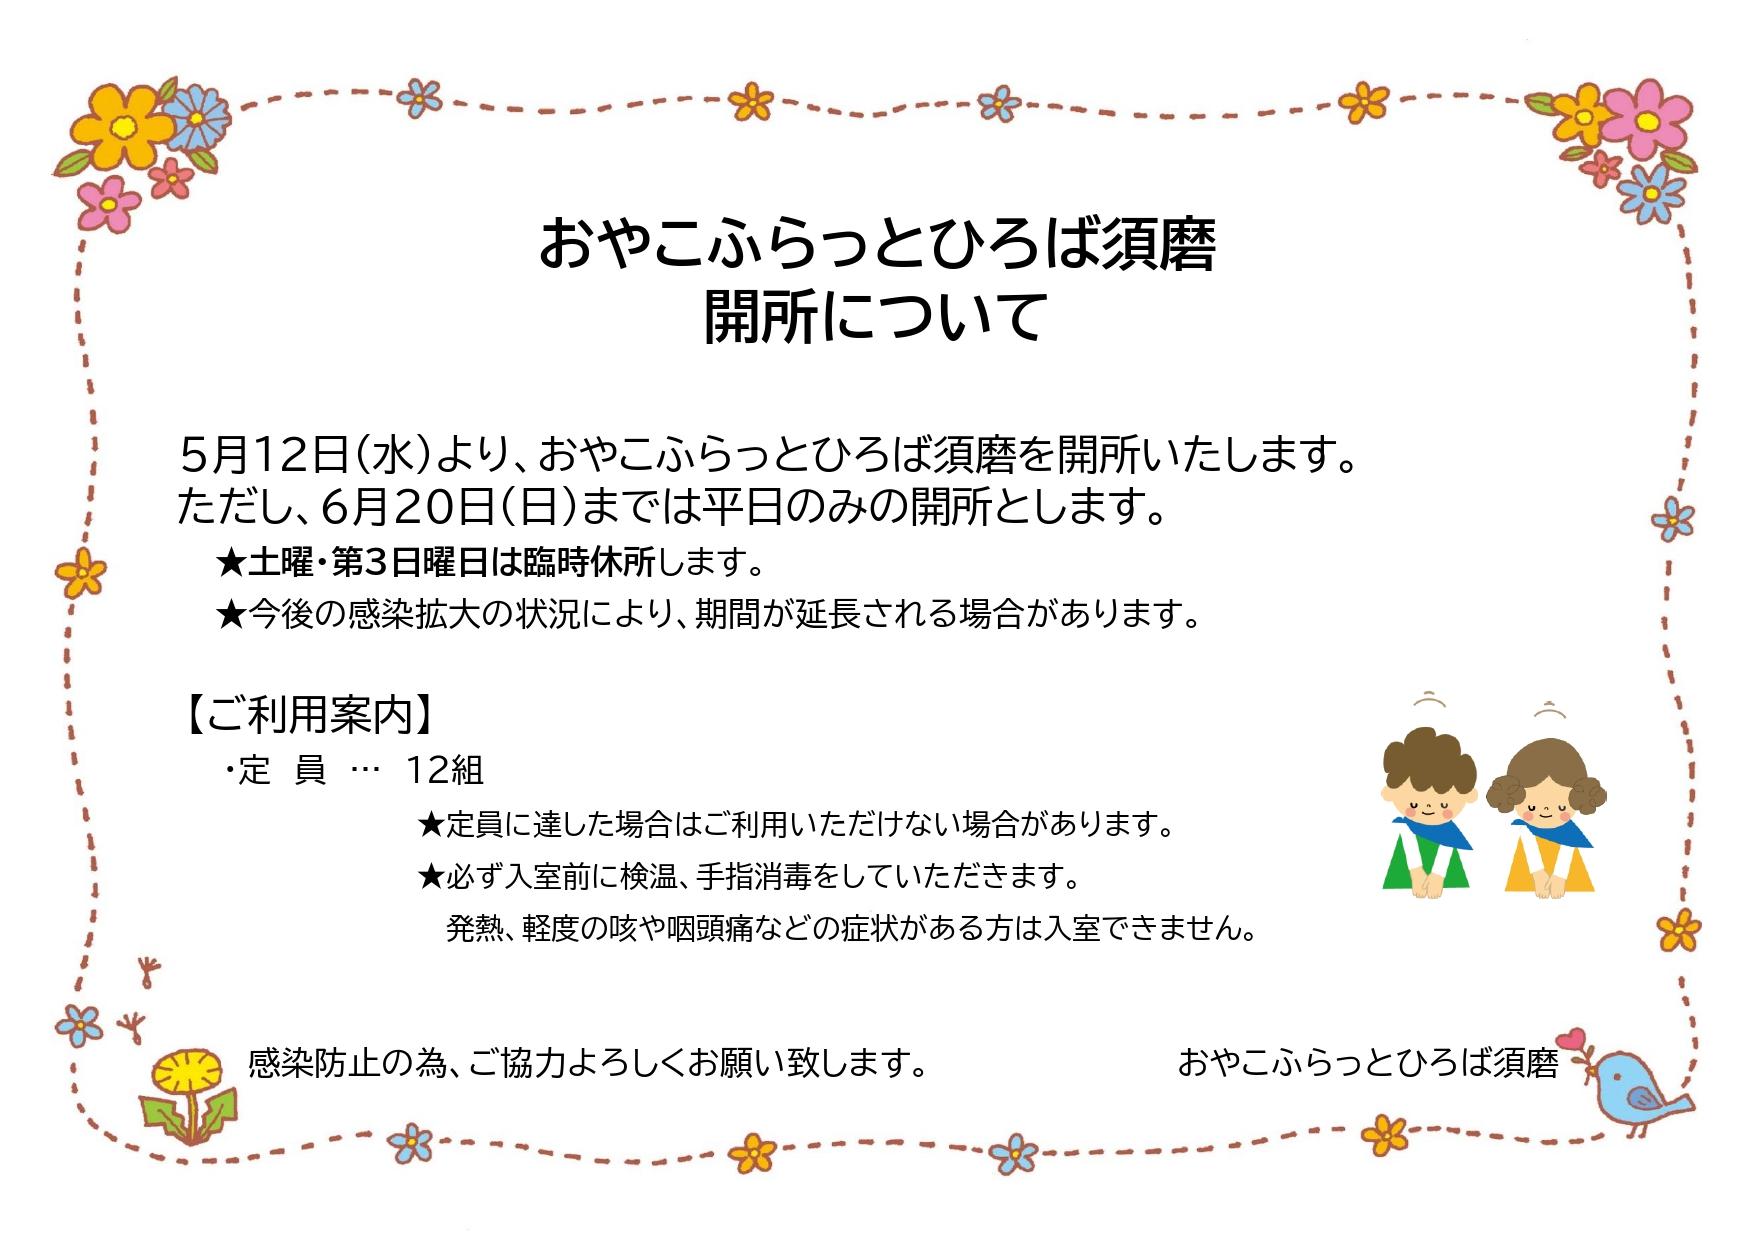 開所のお知らせ(緊急事態宣言期間延長)